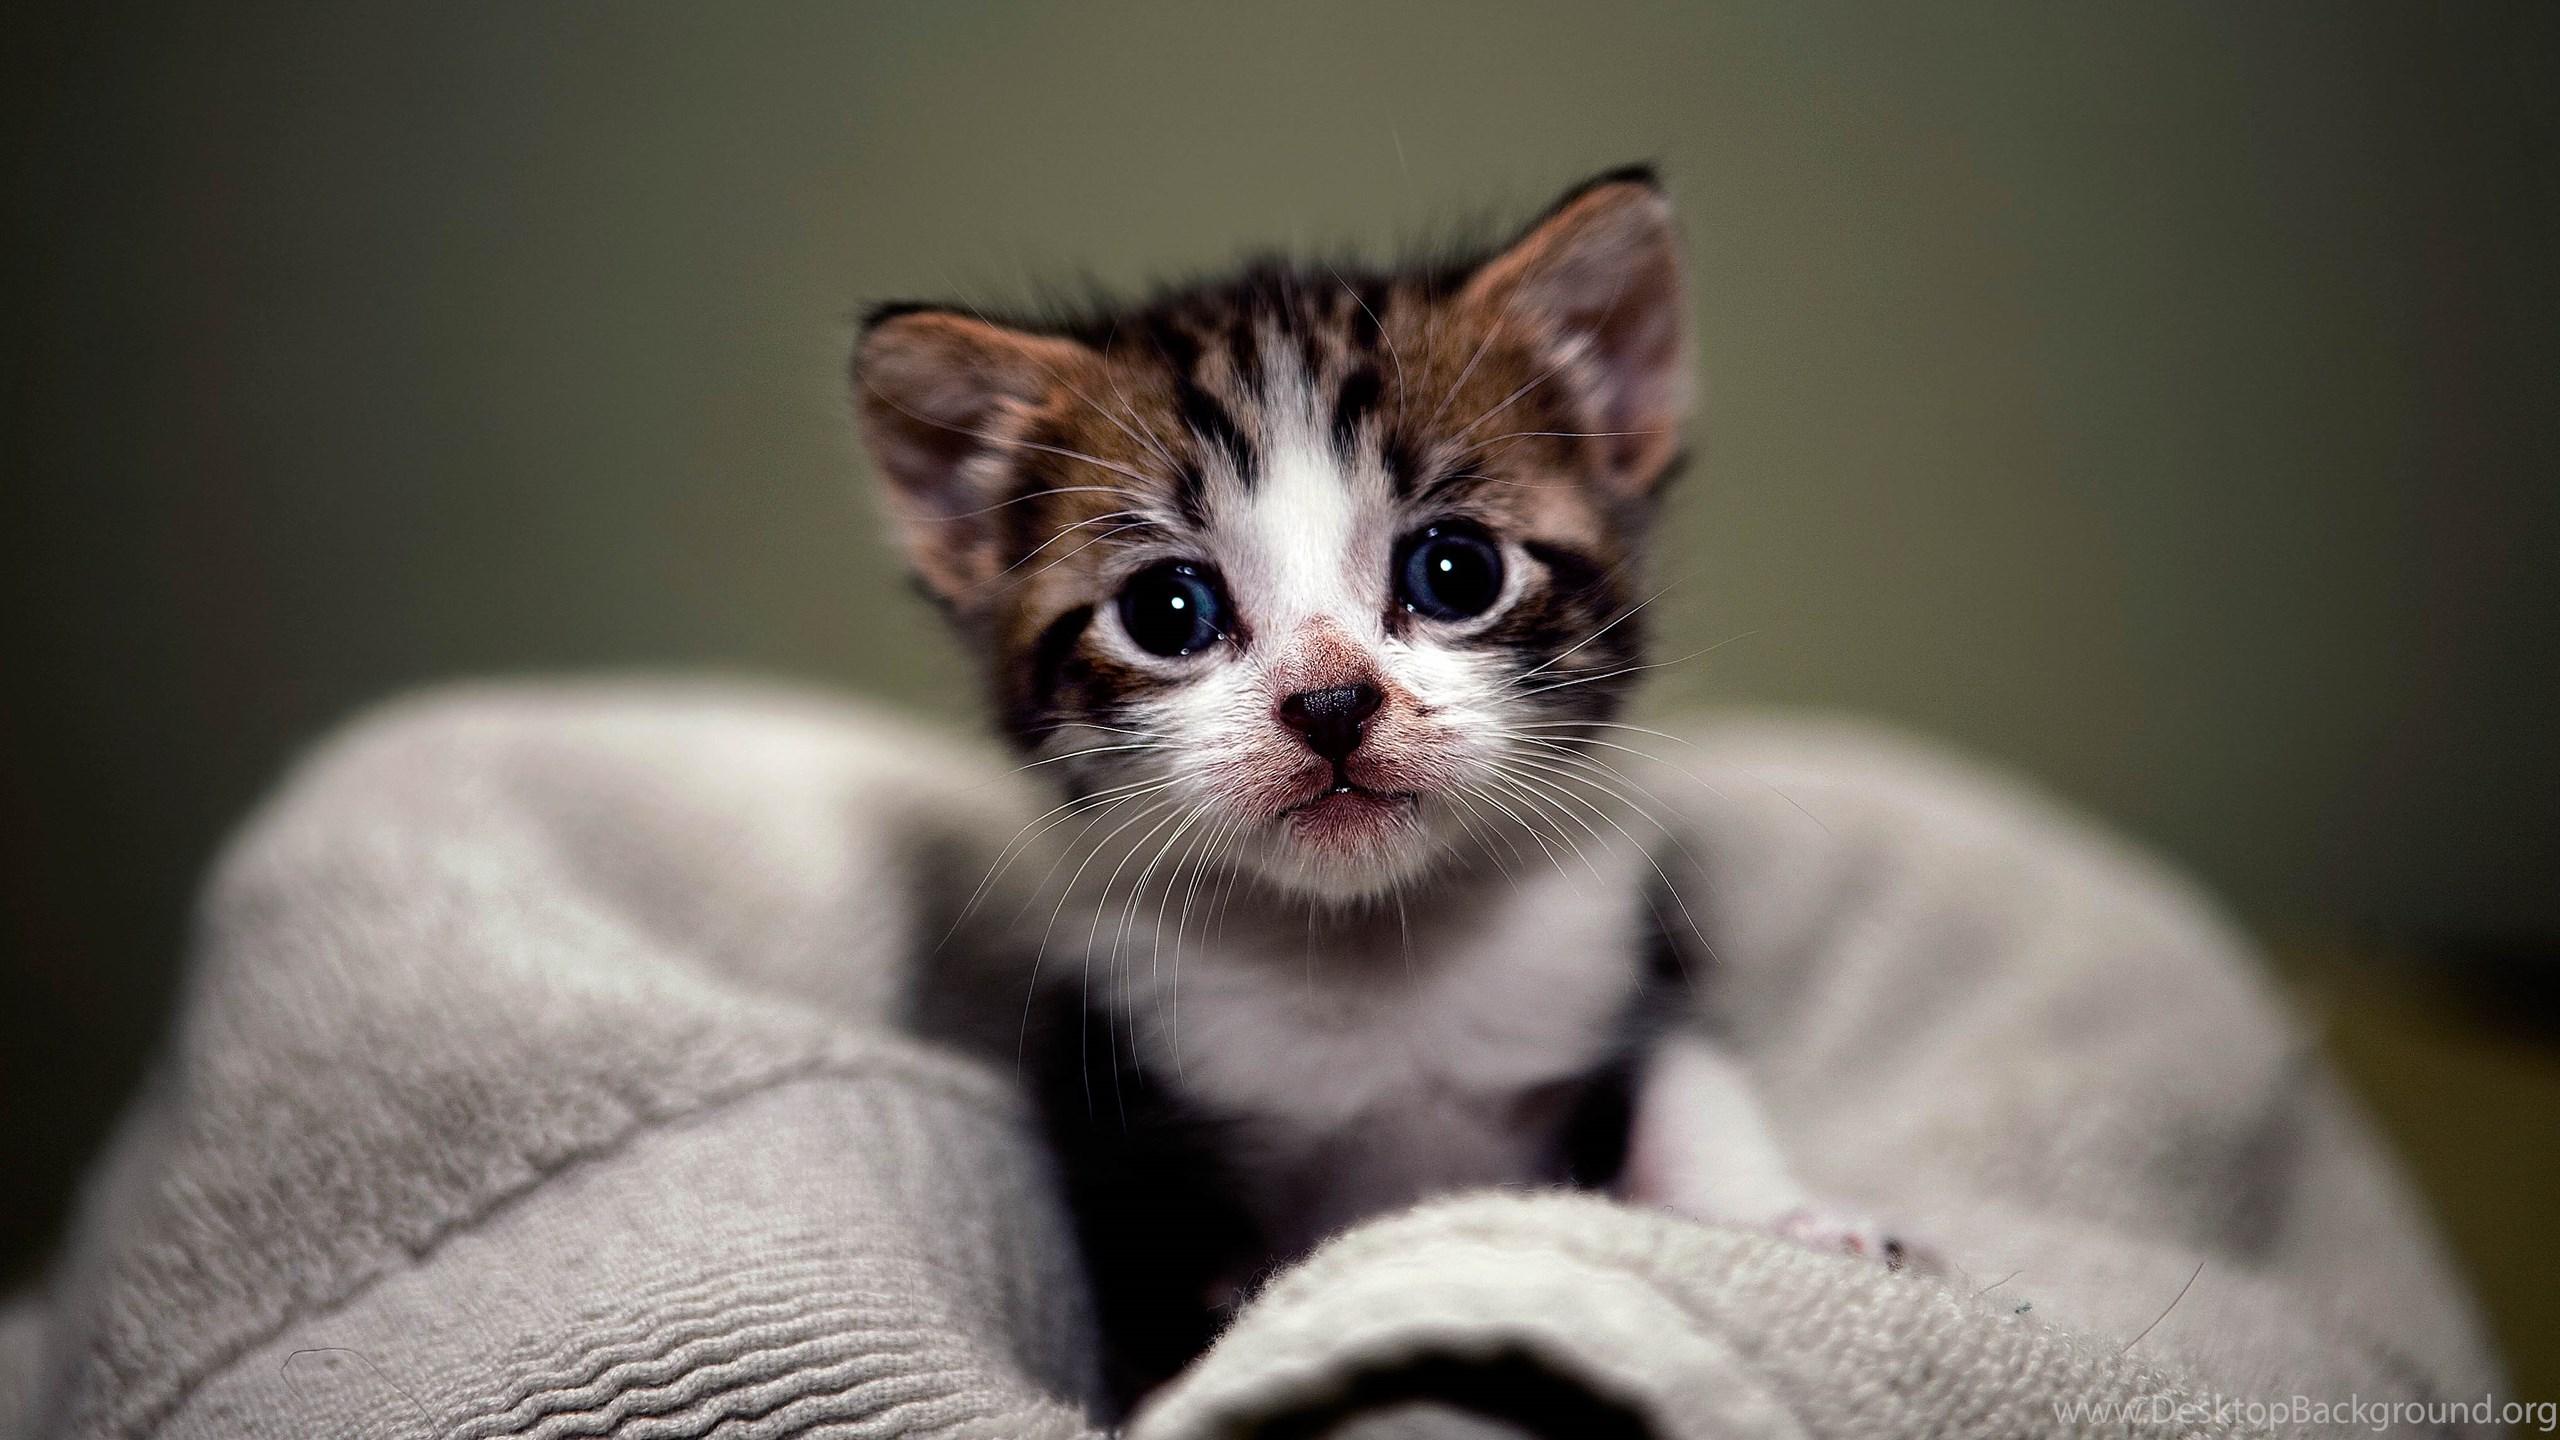 cute kitten hd wallpapers desktop background